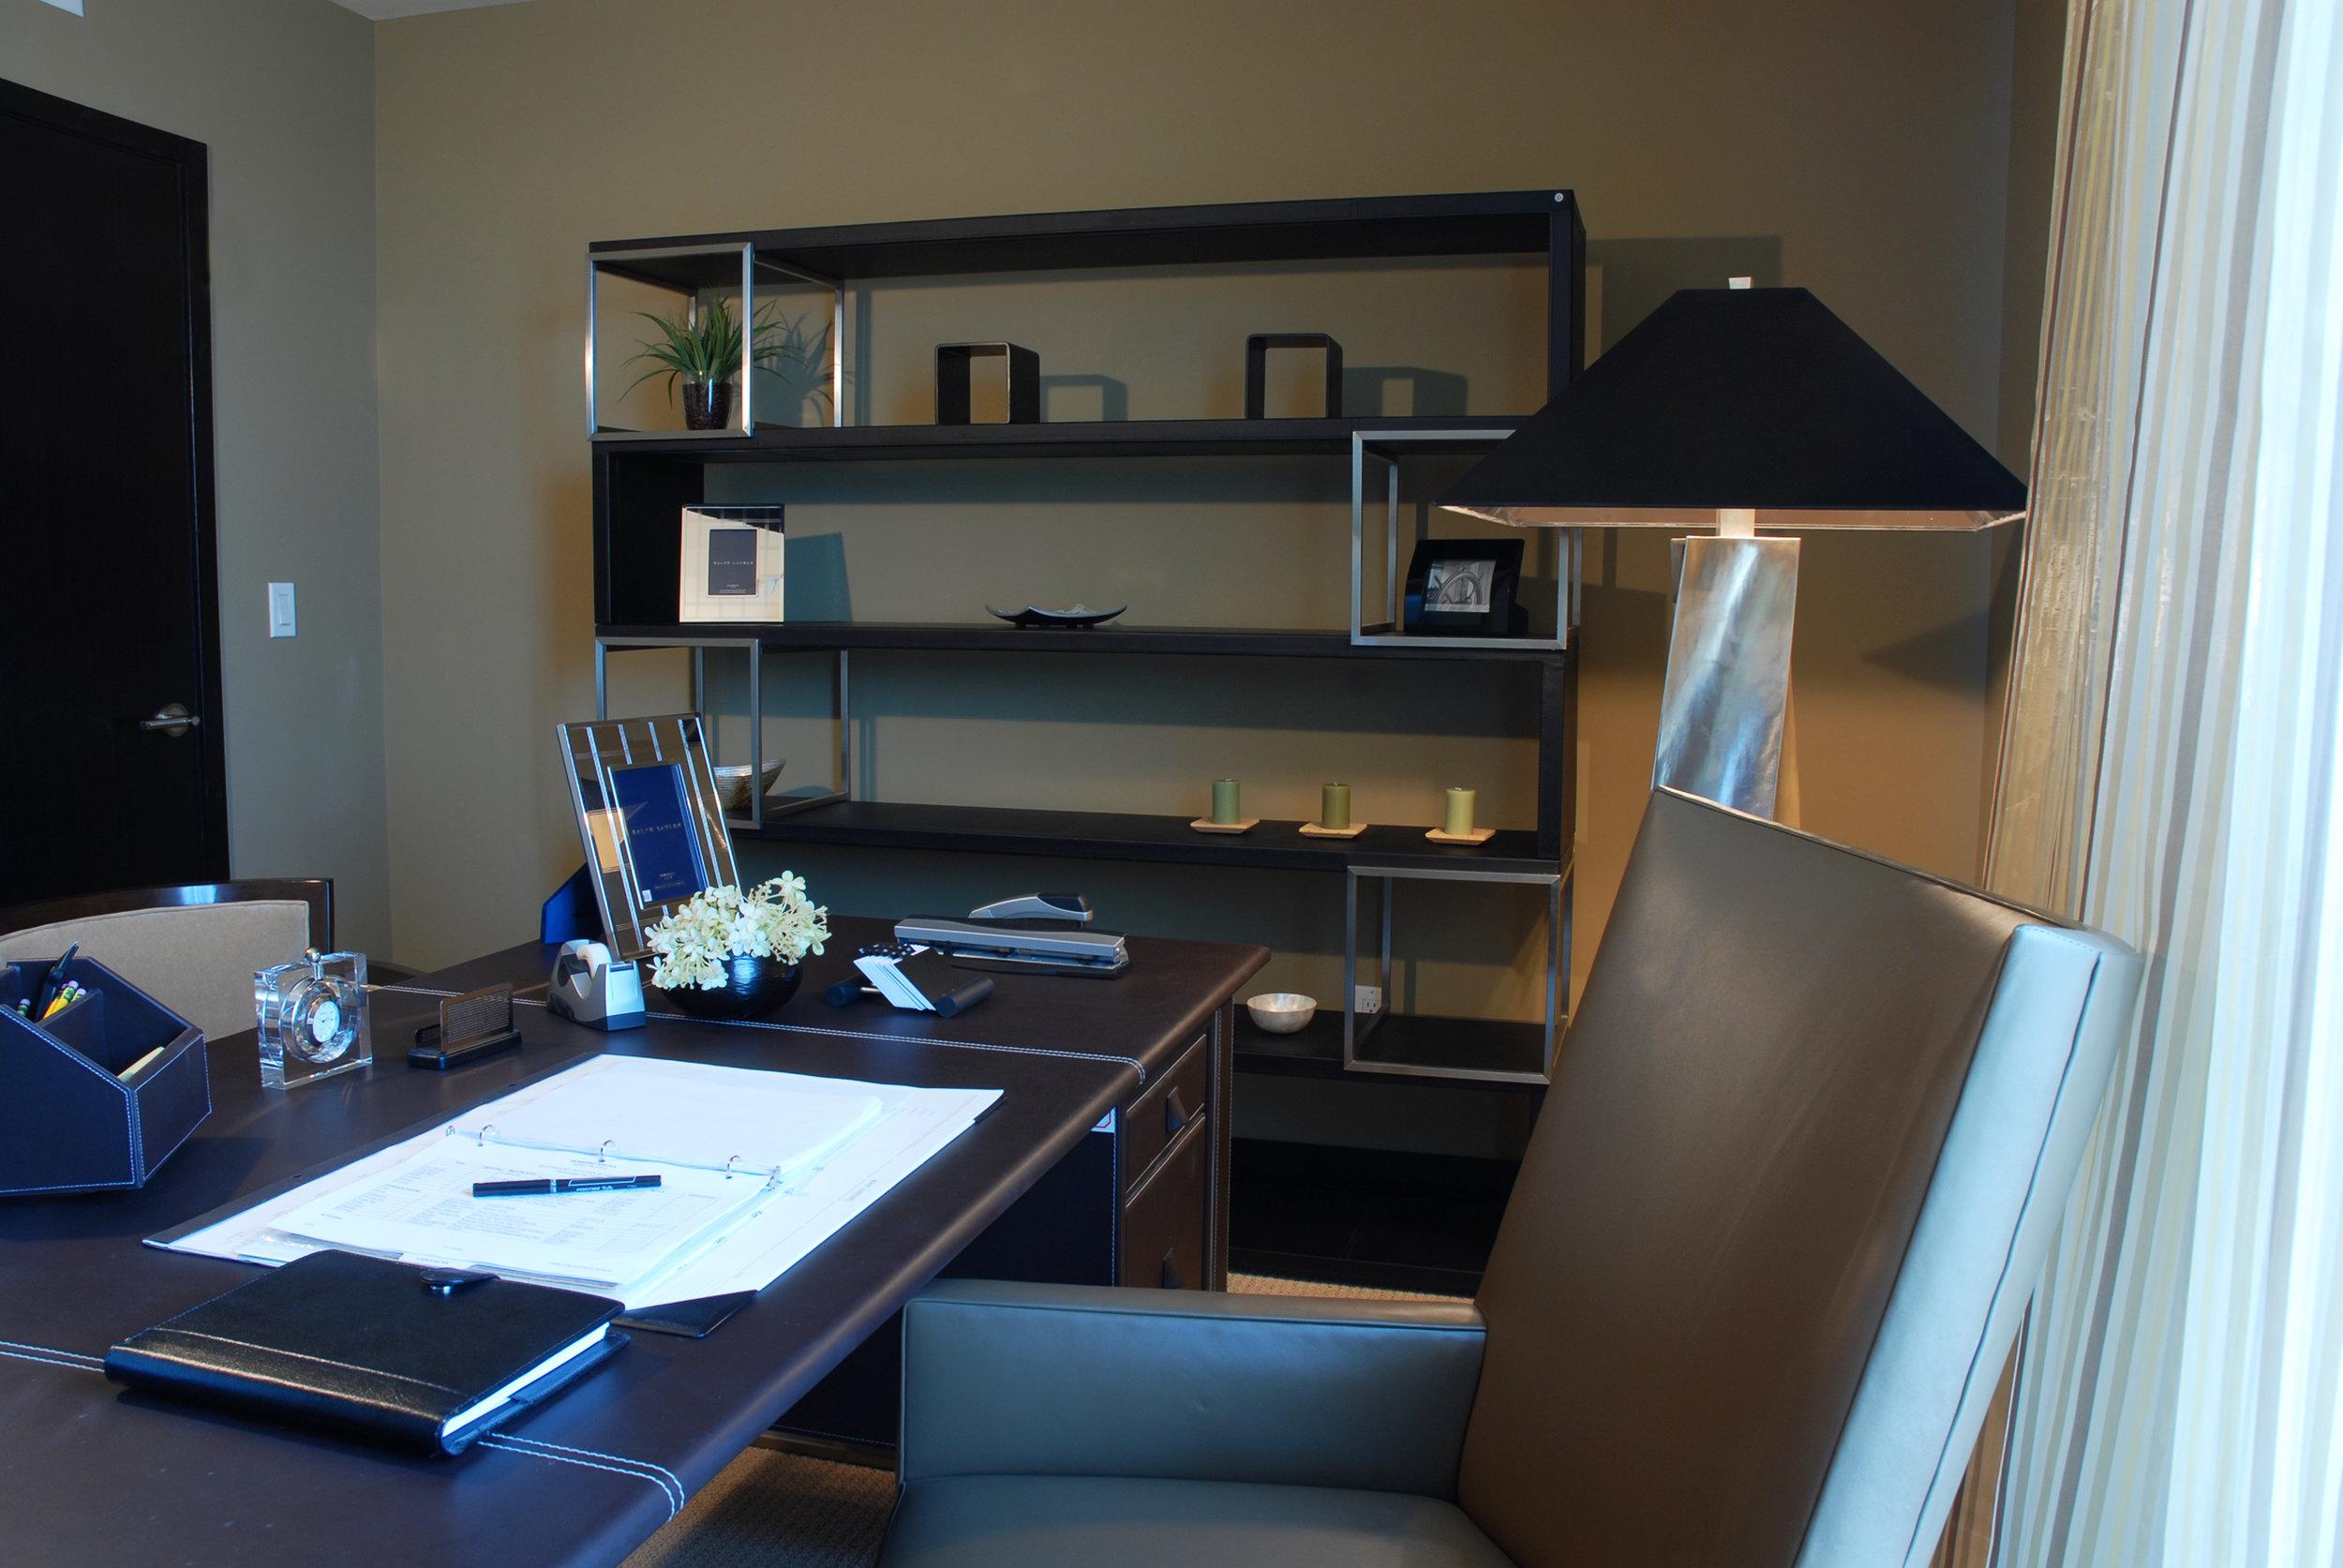 09_Room504_office.jpg